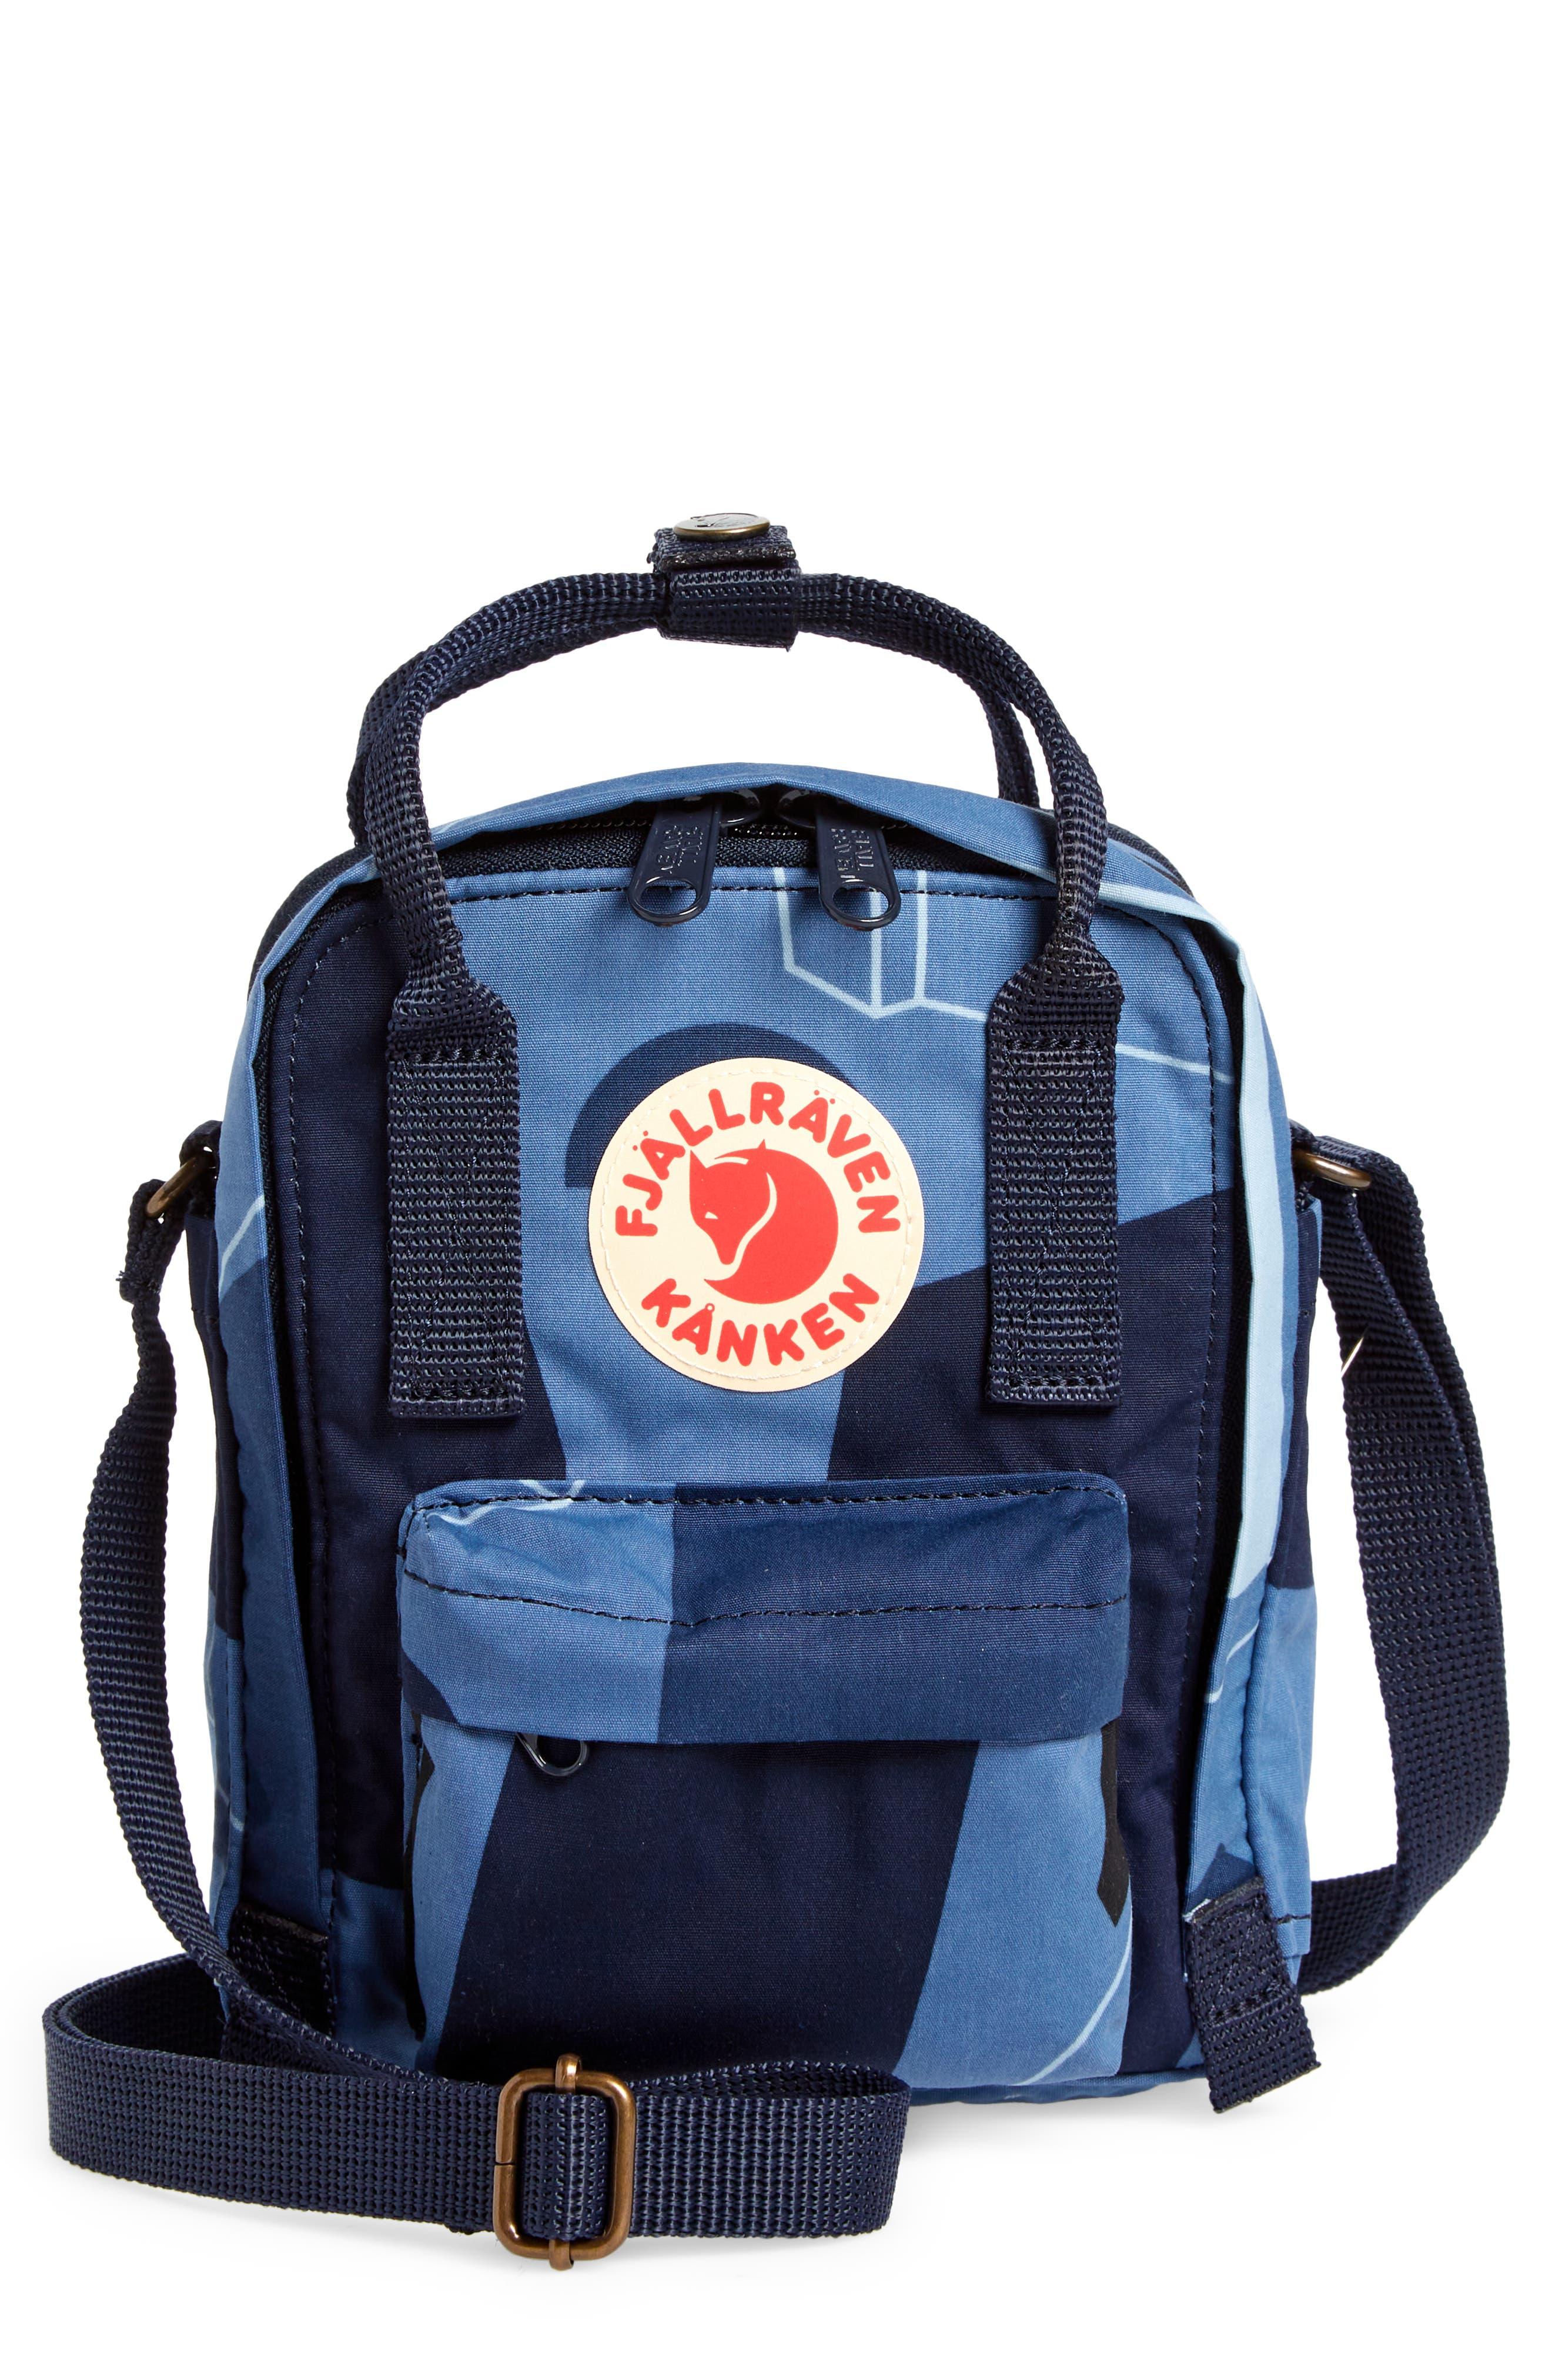 Kanken Art Sling Crossbody Bag